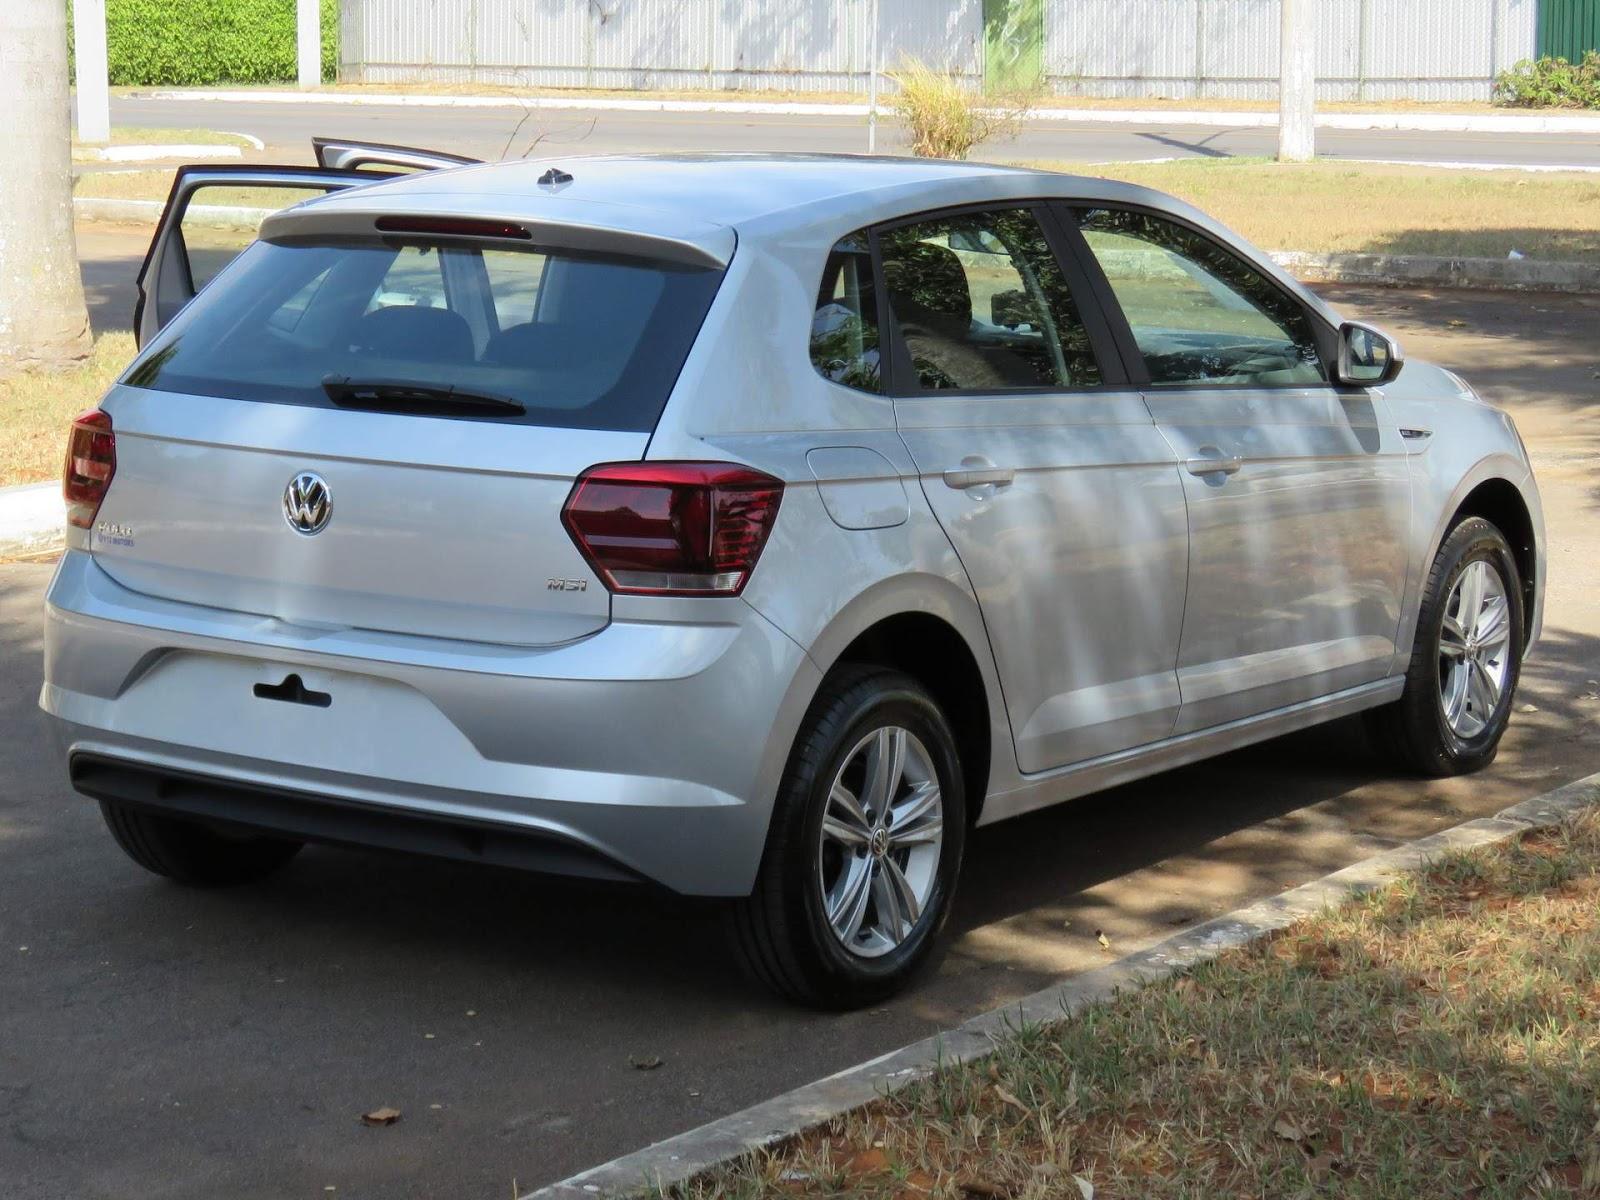 c844a245c3 VW Polo MSI 2018  hatch médio com preço de compacto